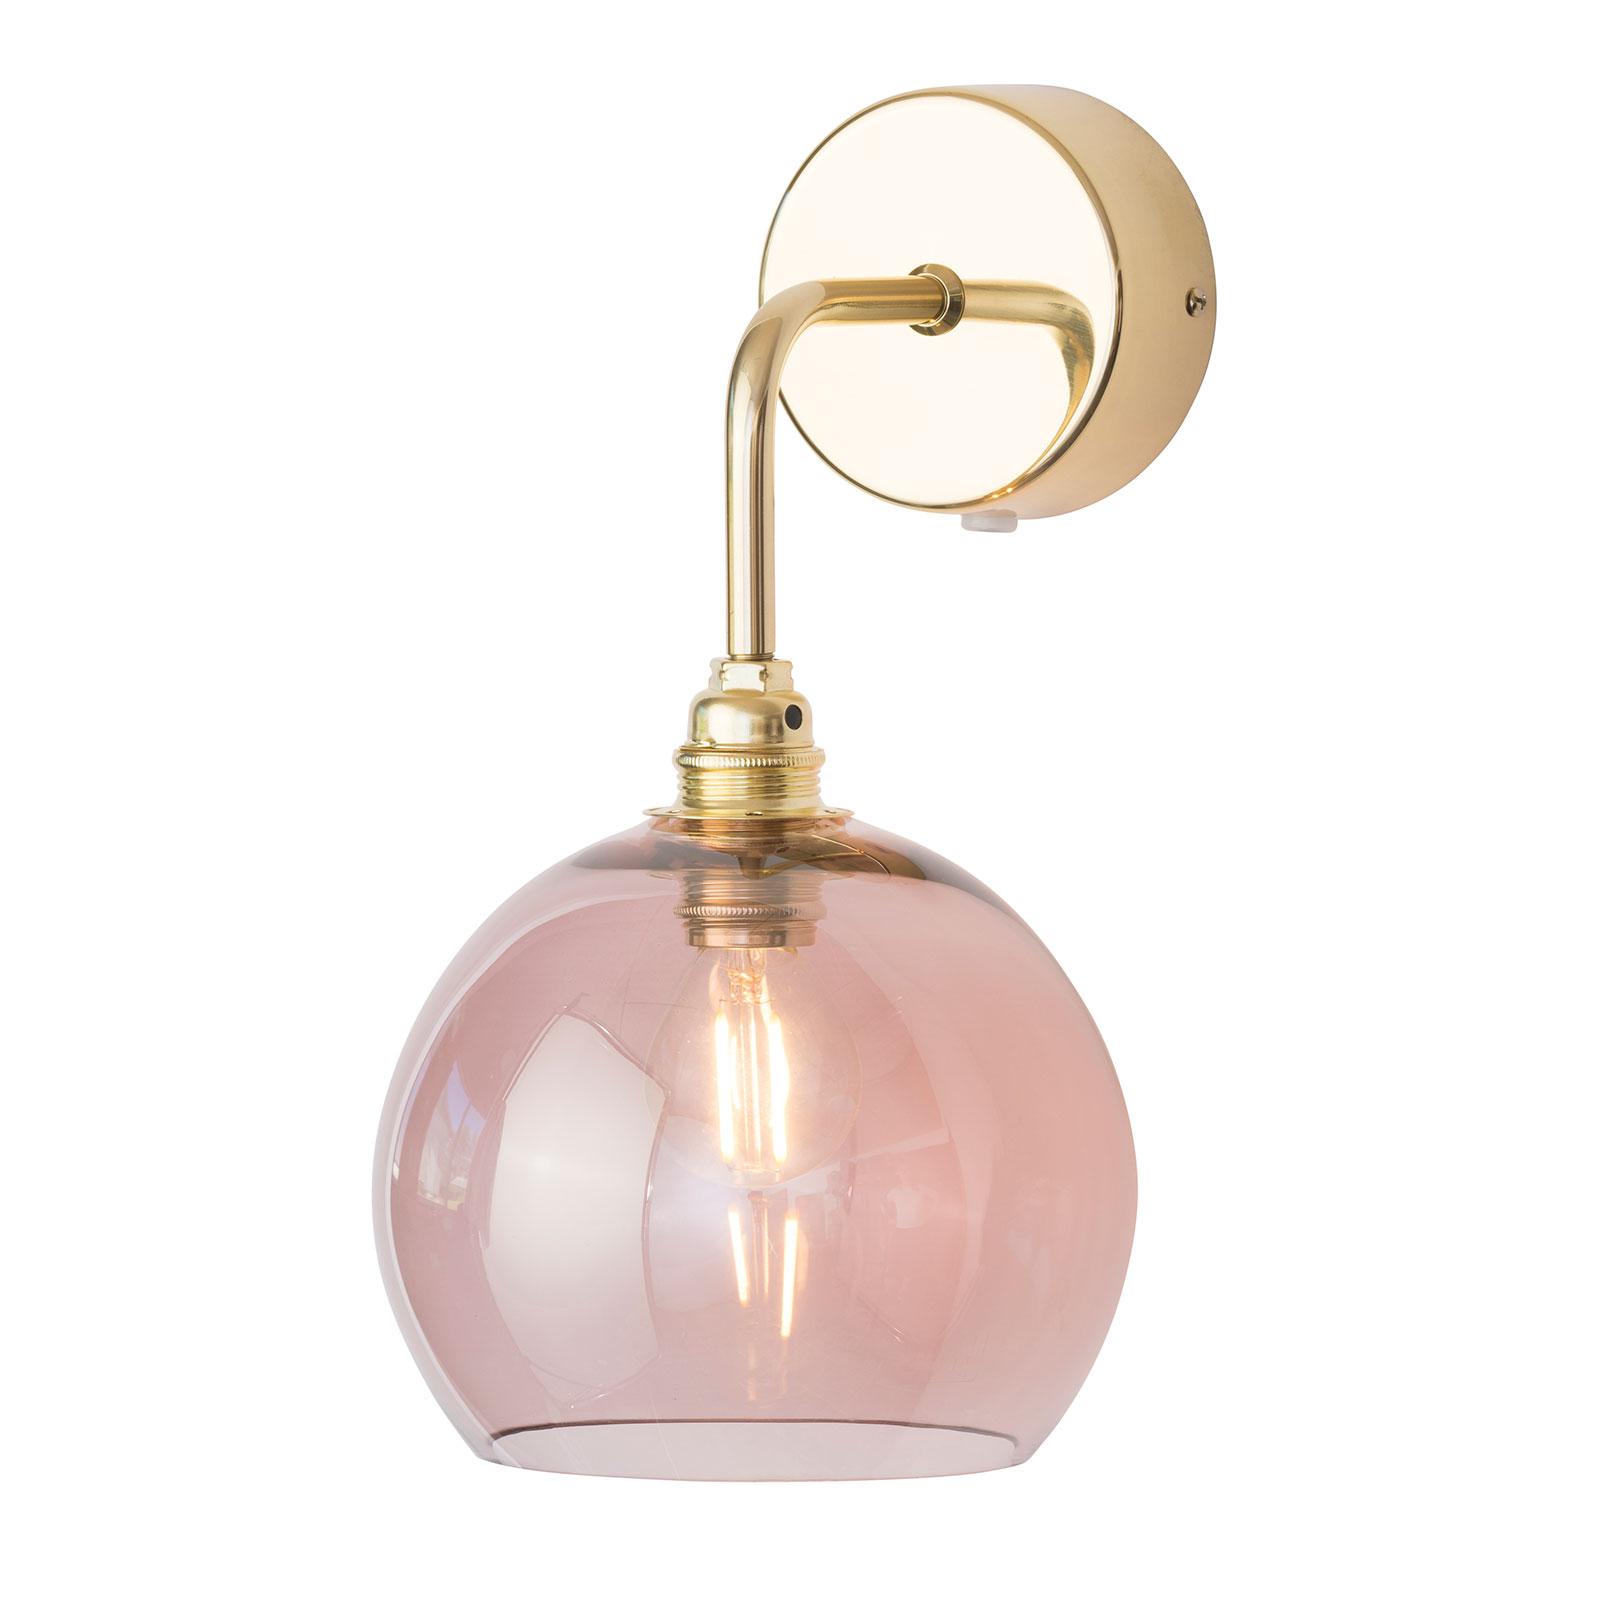 EBB & FLOW Rowan Wandlampe gold Schirm rosé-braun